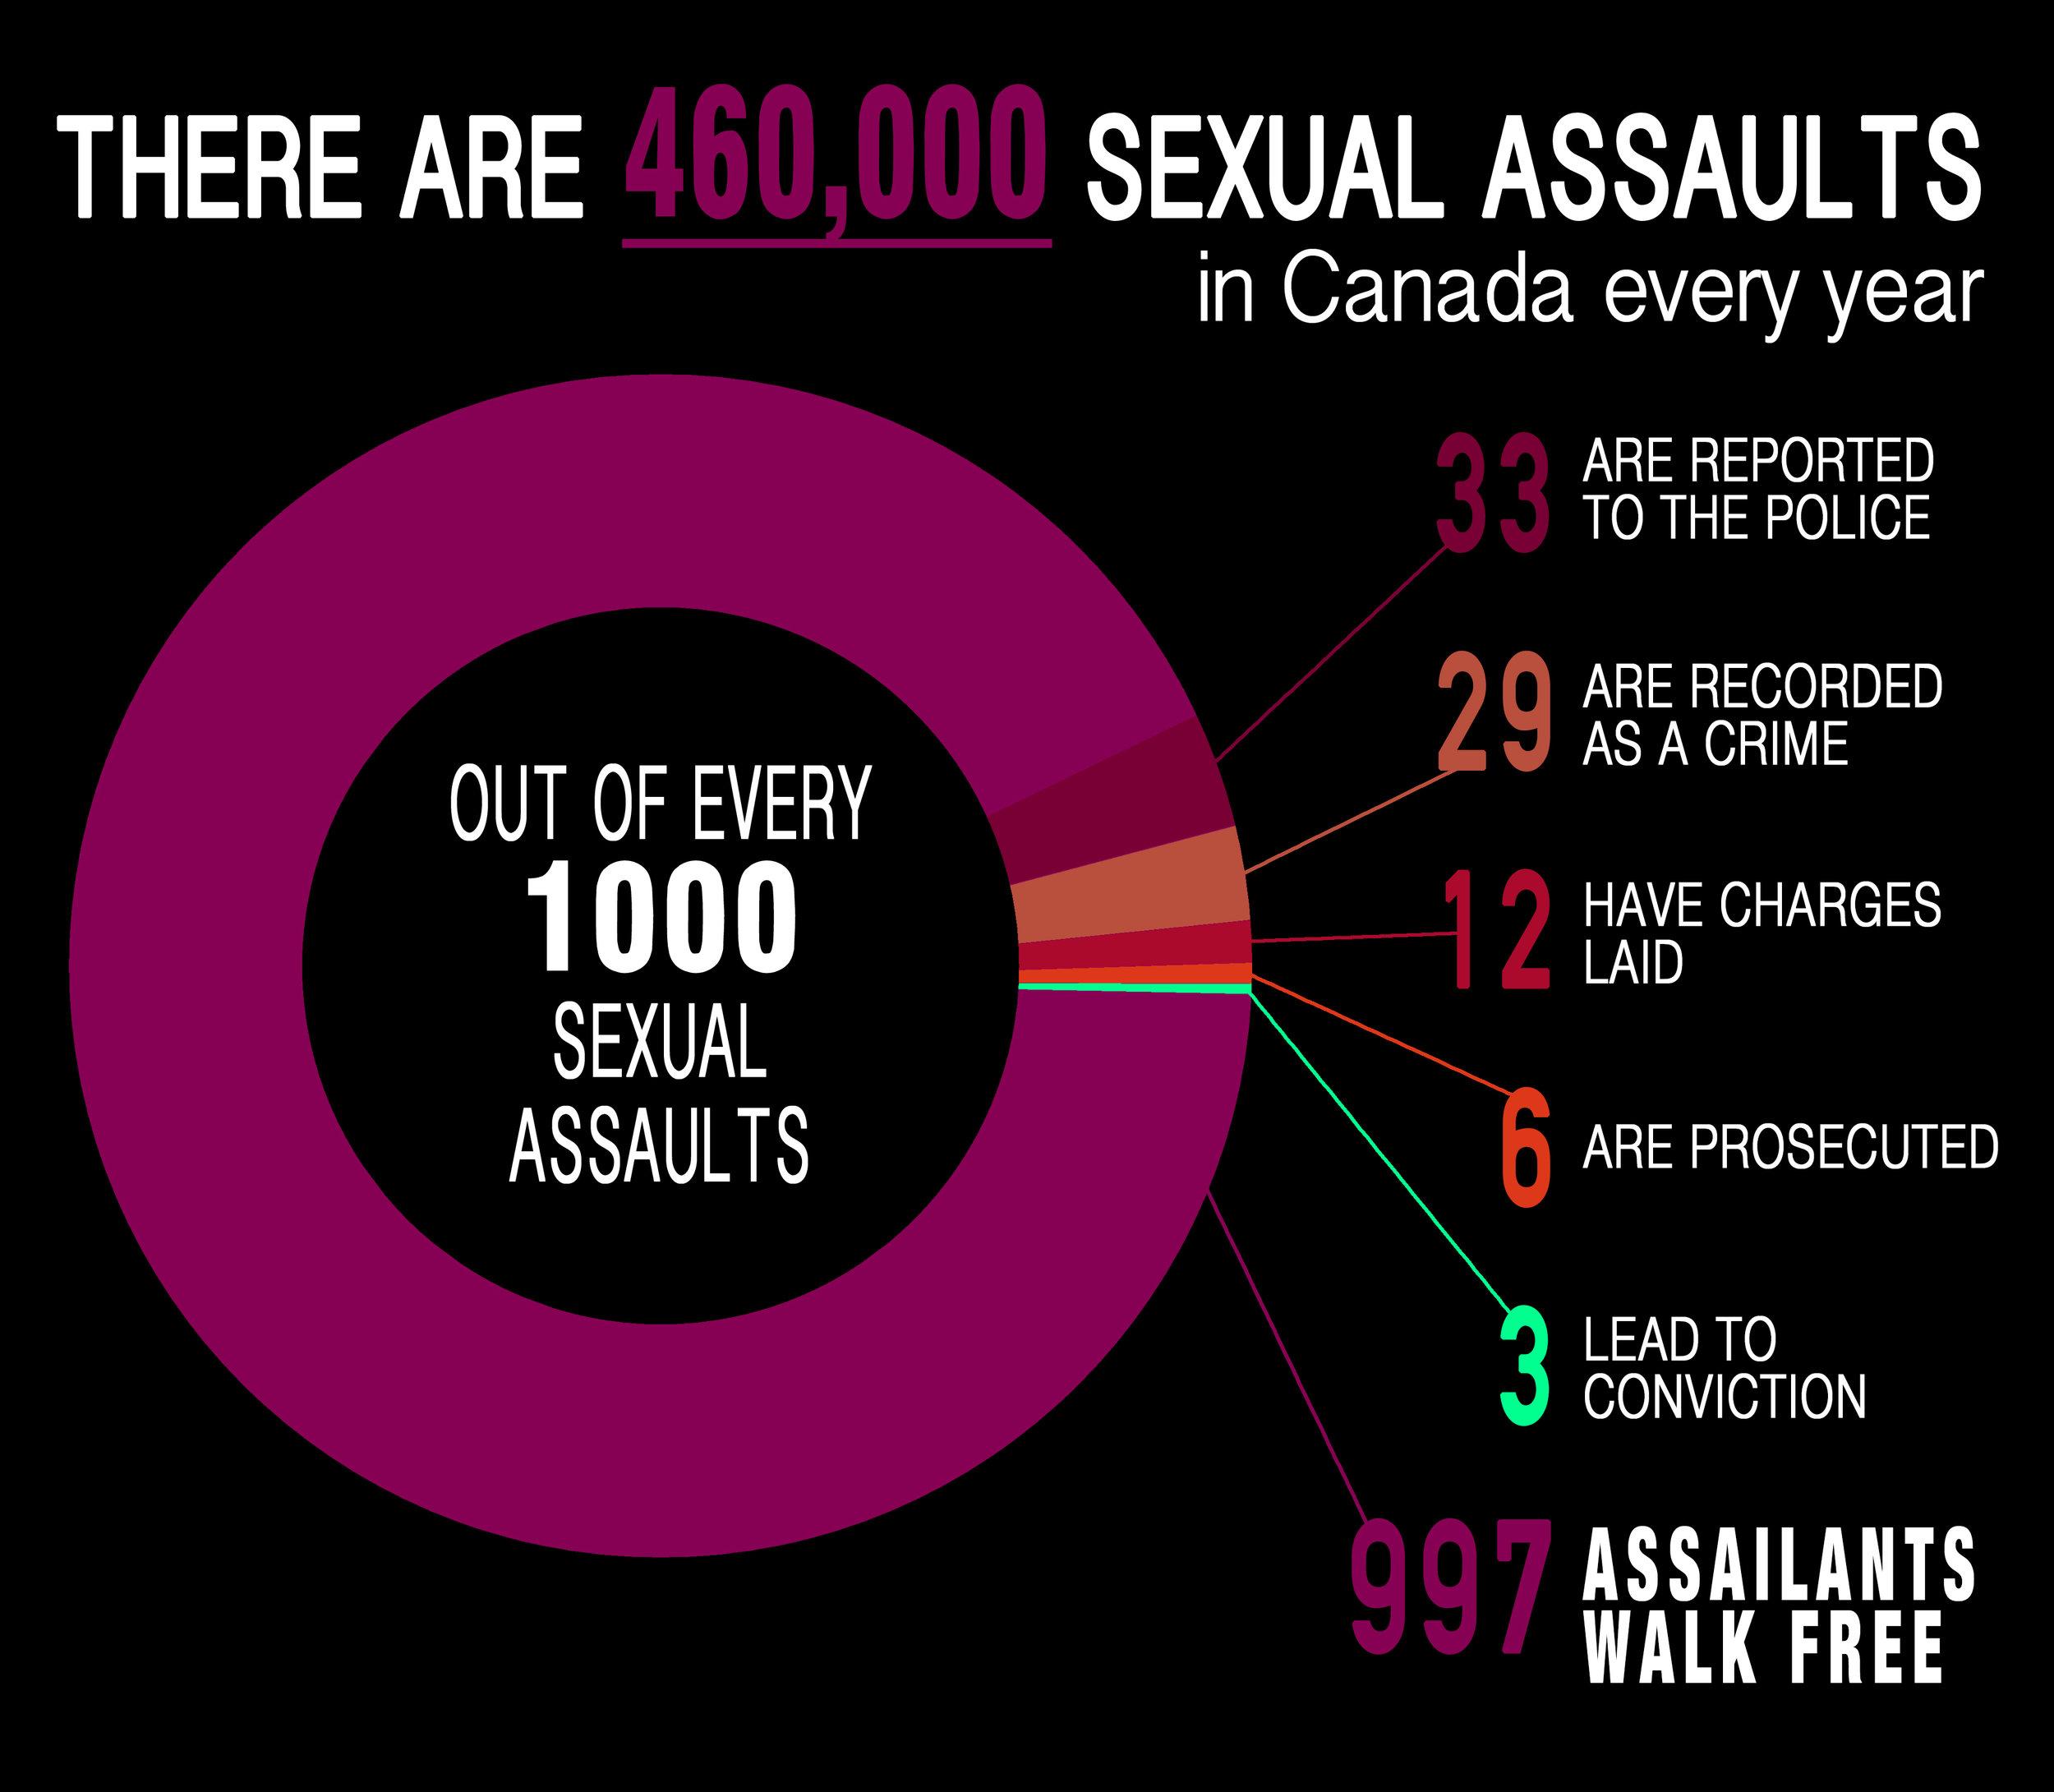 Image Courtesy of the YWCA